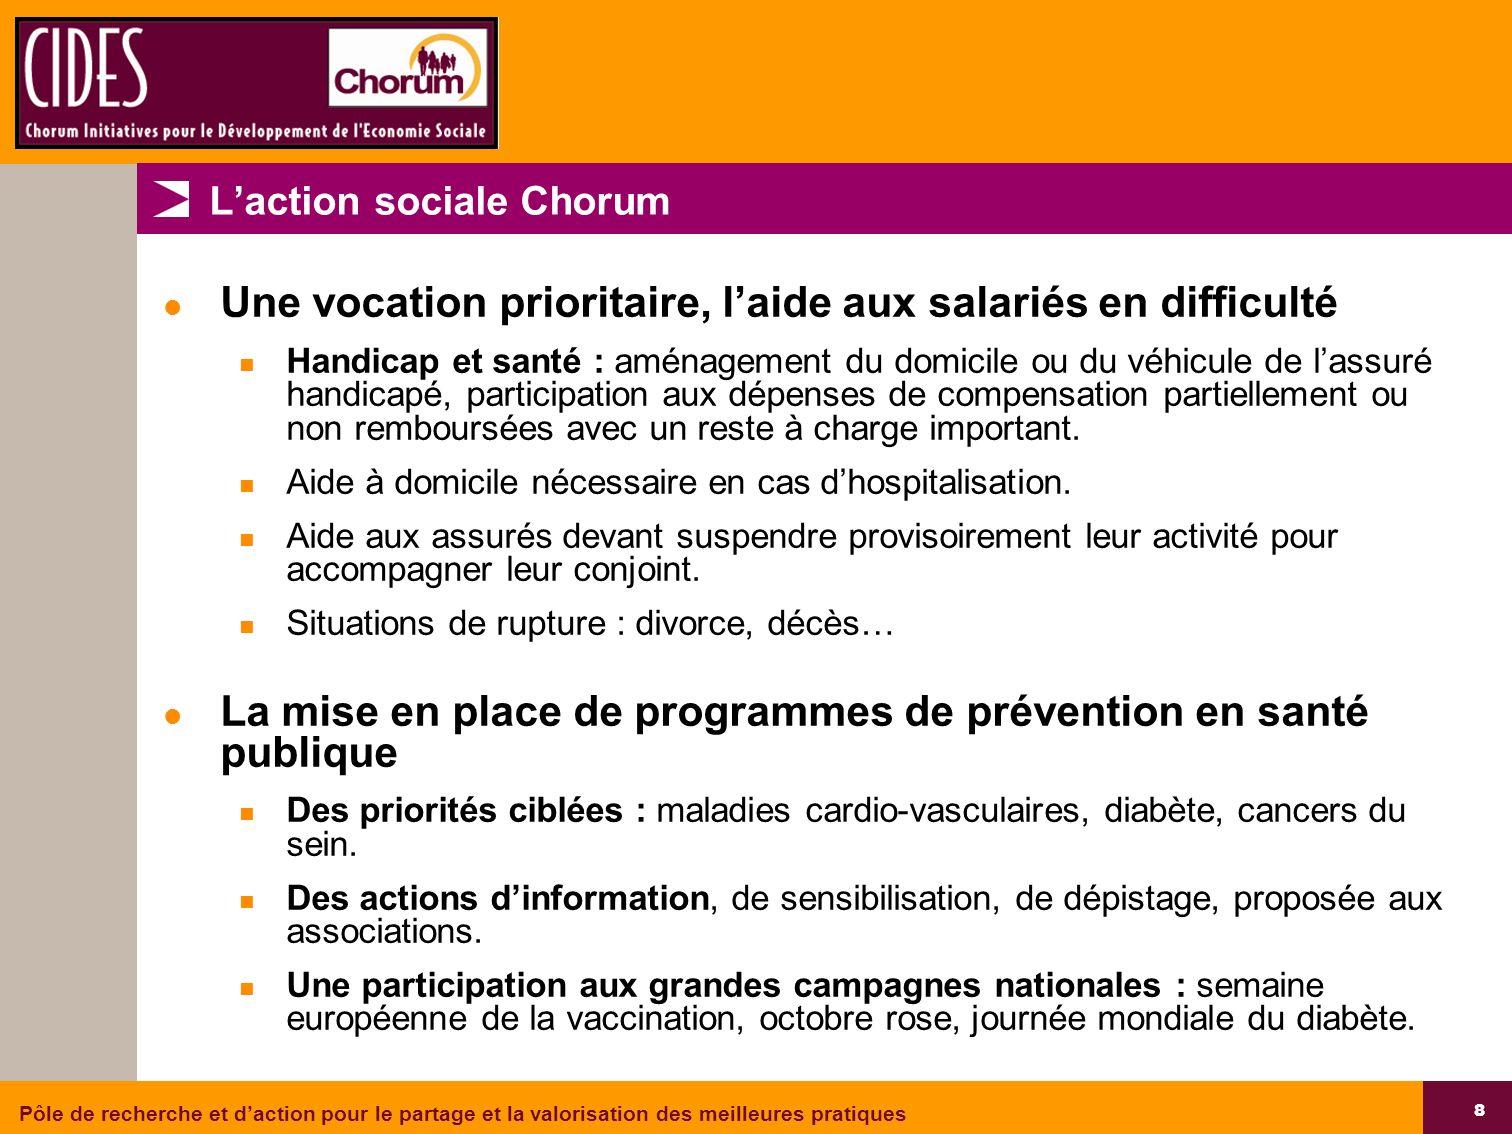 Laction sociale Chorum : accompagnement des salariés l Laccompagnement lors de la survenue de linvalidité ou du handicap n La Mutuelle CHORUM propose aux personnes entrant en invalidité de bénéficier de laccompagnement de la FNATH (Fédération nationale des accidentés de la vie), pour une information, un soutien juridique, des avis détaillés… n Service en cours dexpérimentation, proposé actuellement dans les départements suivants : 01 (Ain), 31 (Haute-Garonne), 32 (Gers), 49 (Maine-et-Loire), 53 (Mayenne), 69 (Rhône).